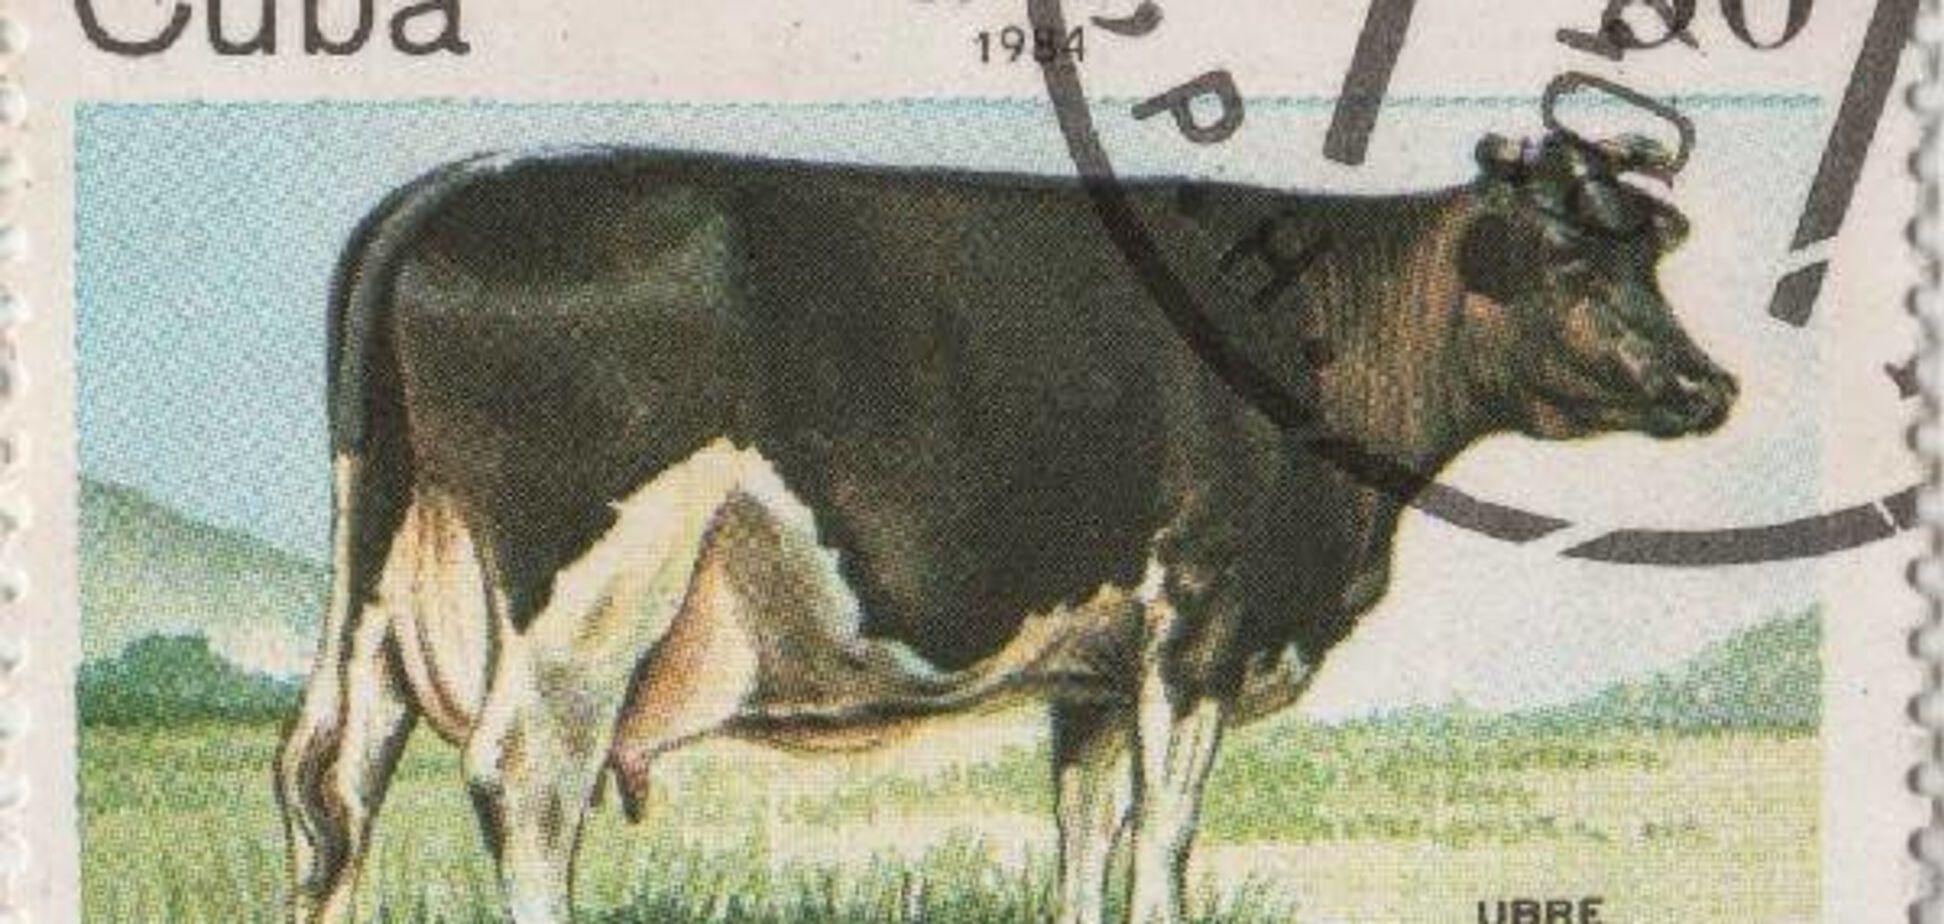 Белое Вымя, корова, Куба